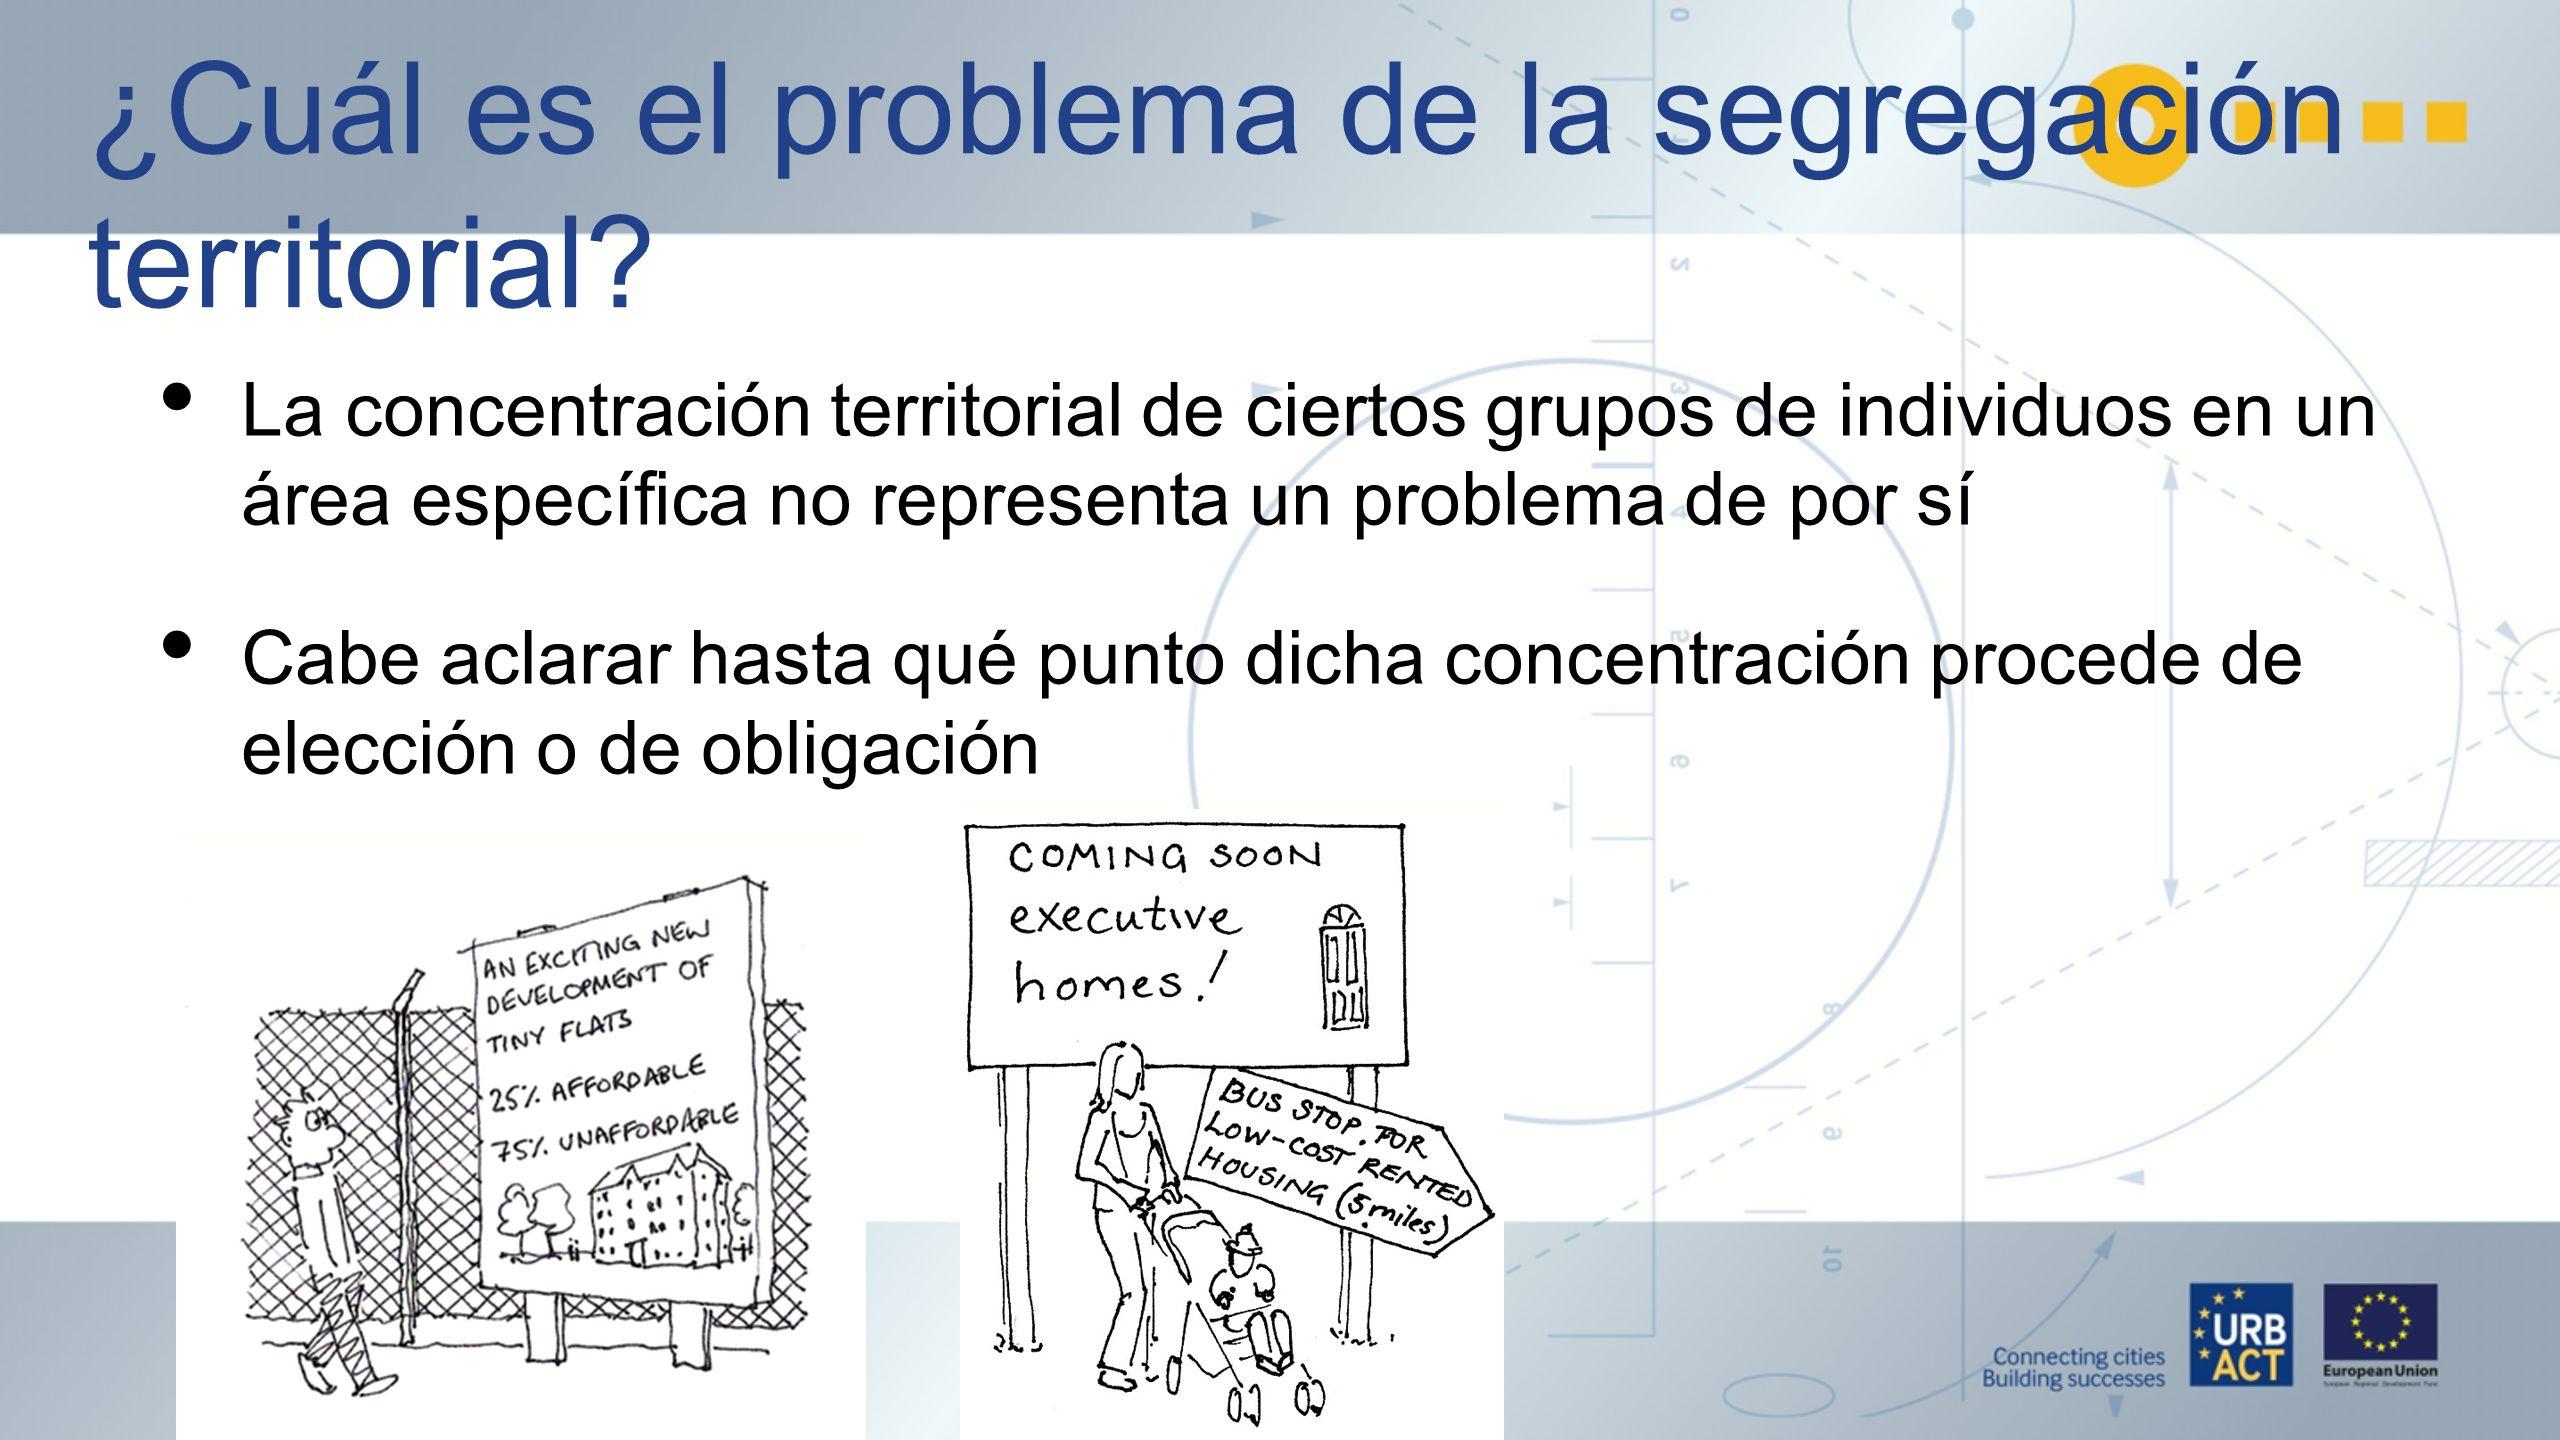 ¿Cuál es el problema de la segregación territorial